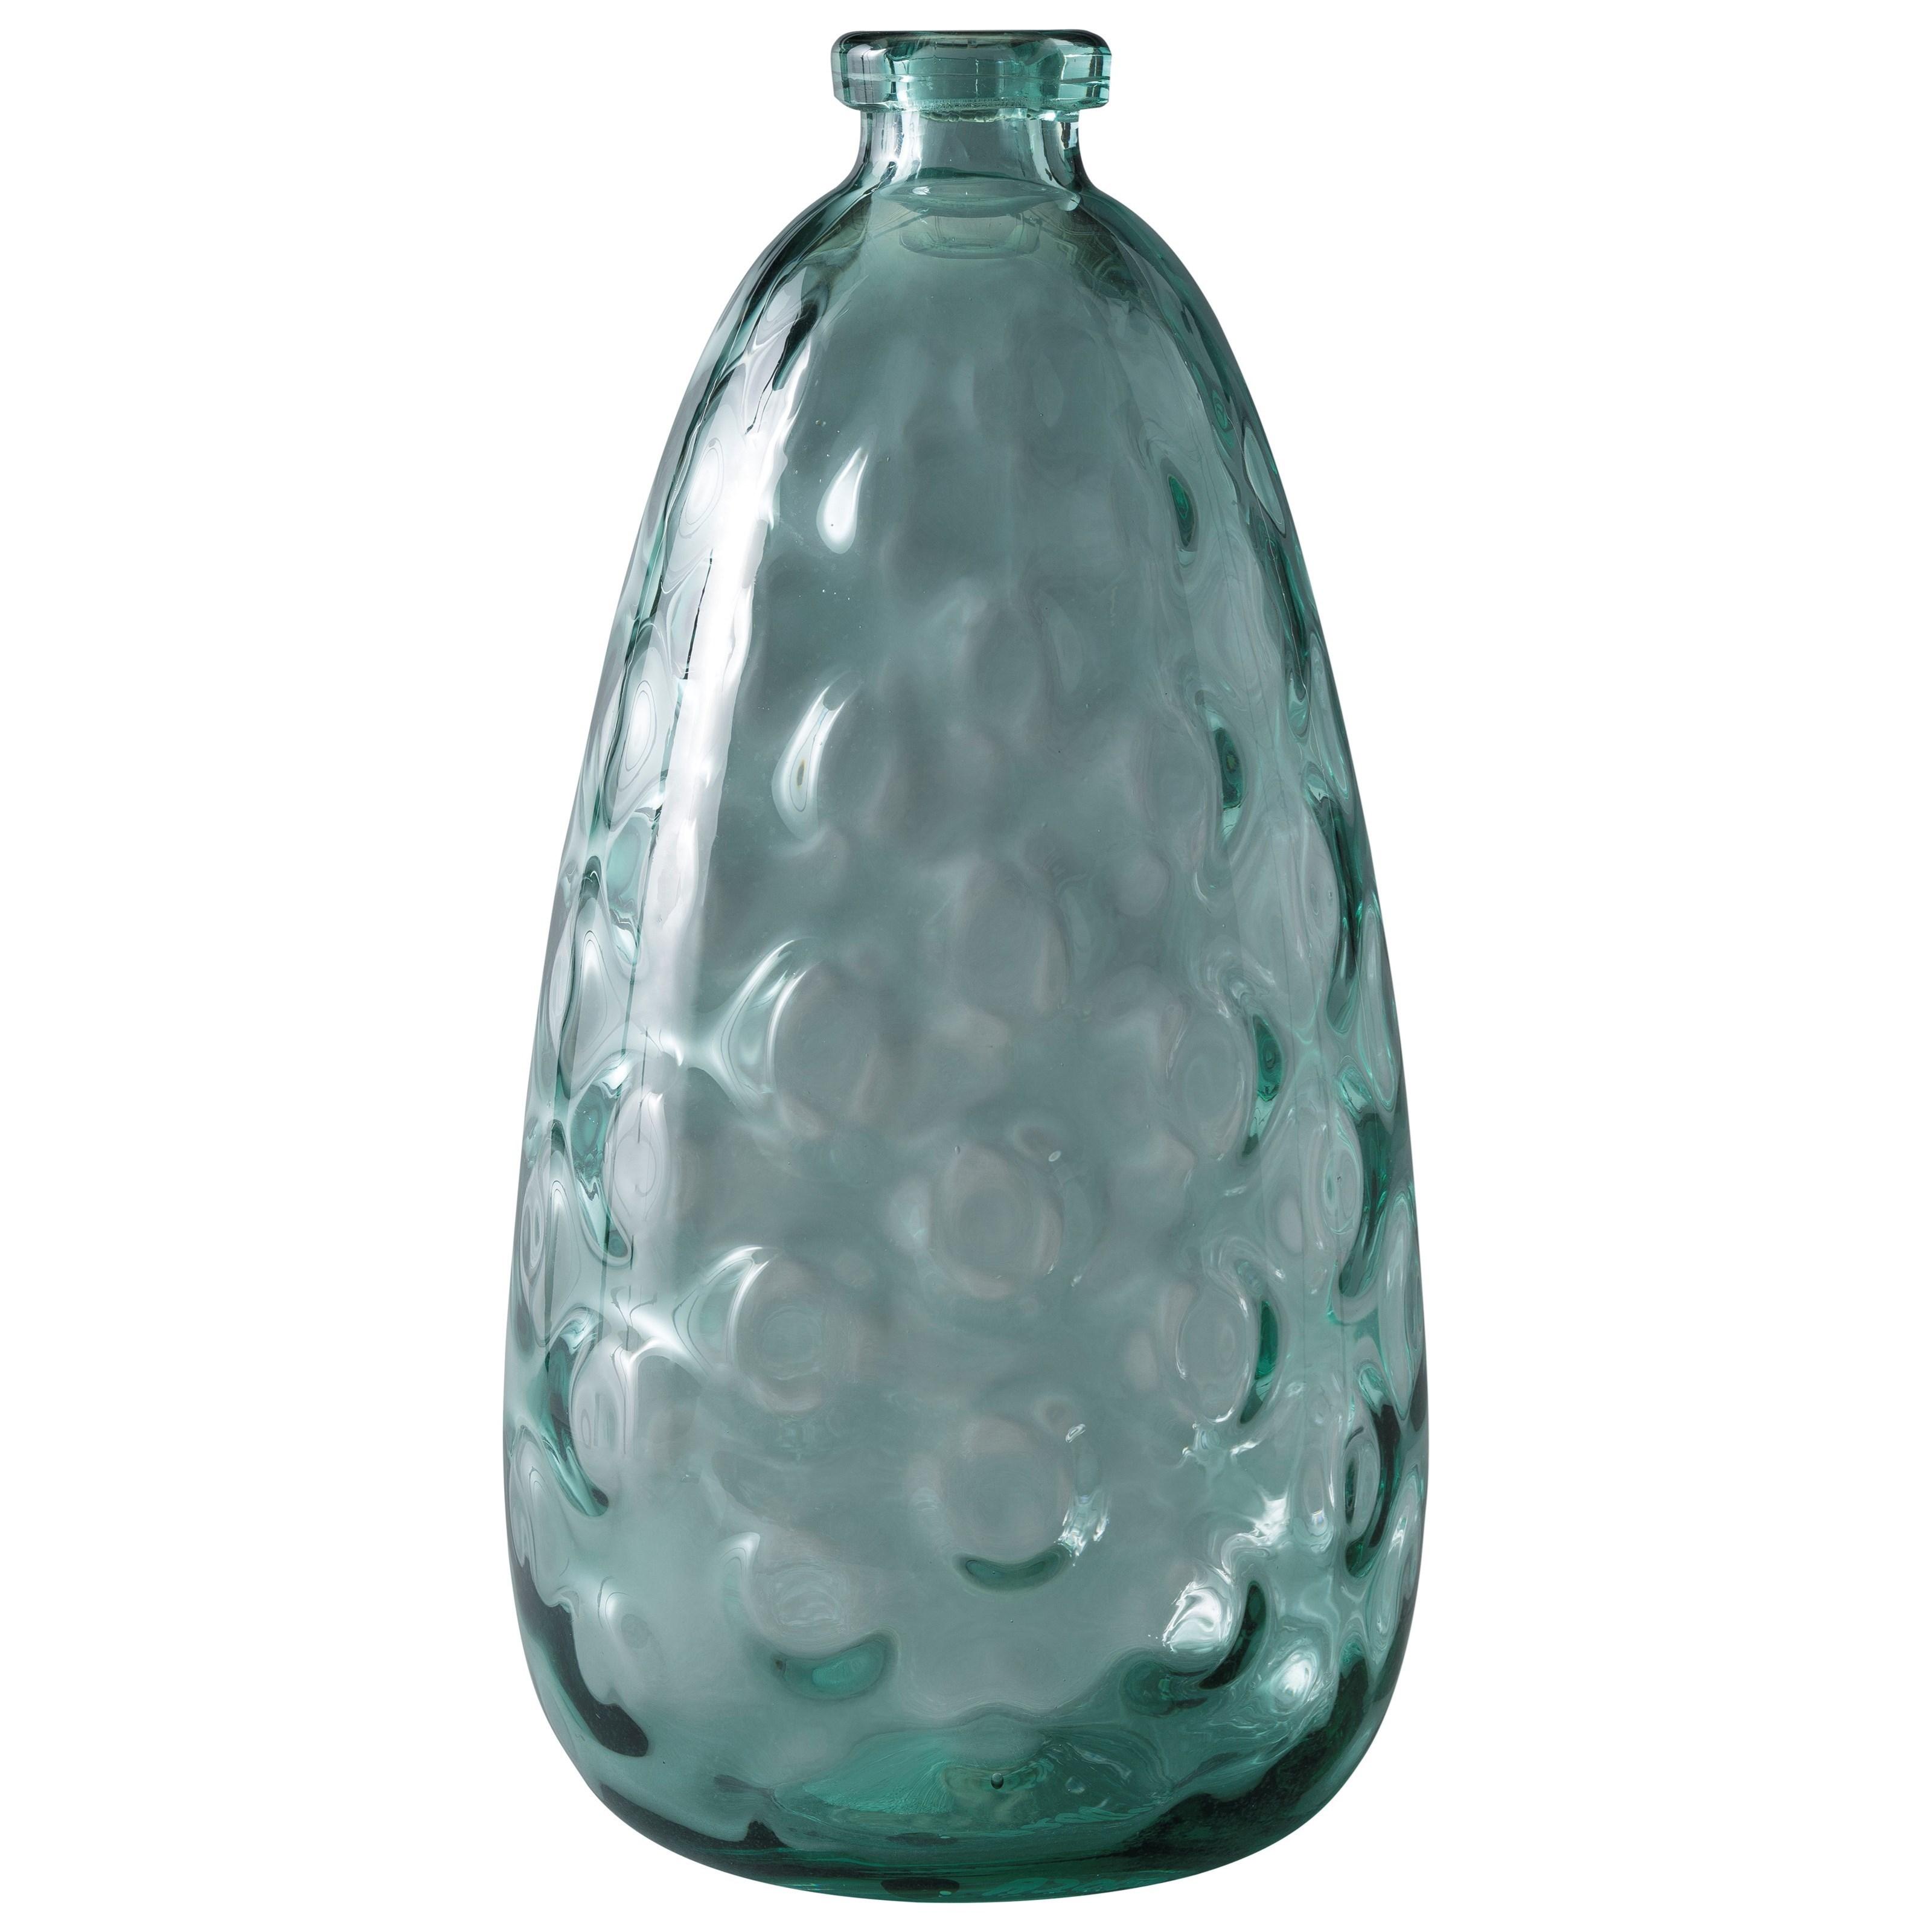 Signature Design by Ashley Accents Devansh Green Vase - Item Number: A2000292V